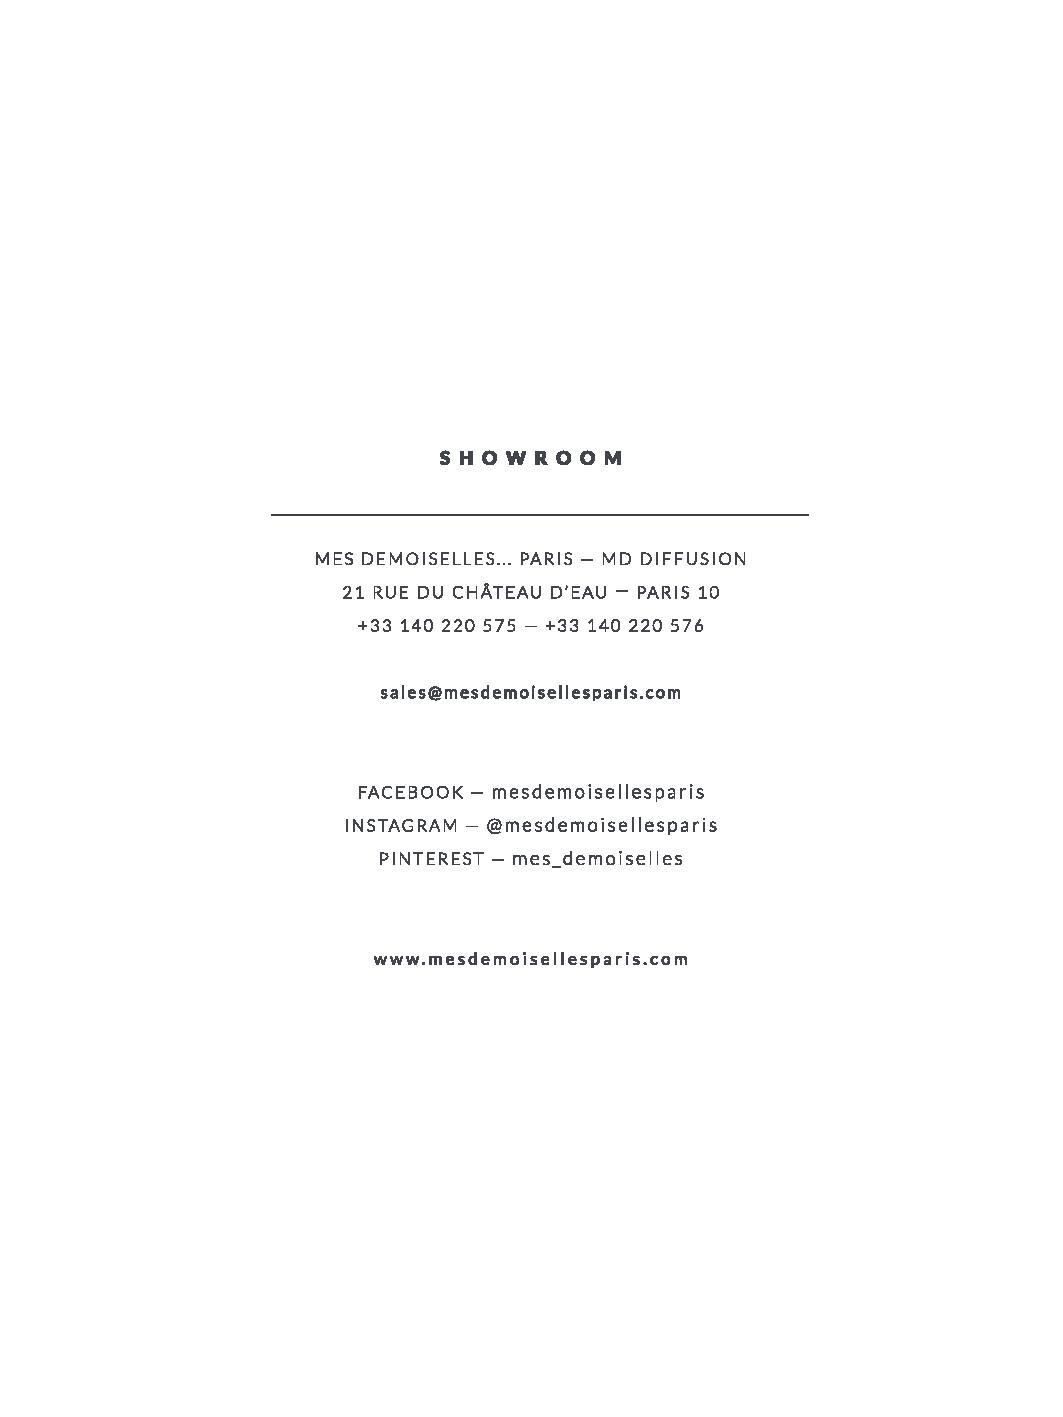 41_md_lookbook_mes_demoiselles_paris_web_dresscode-page-035.jpg